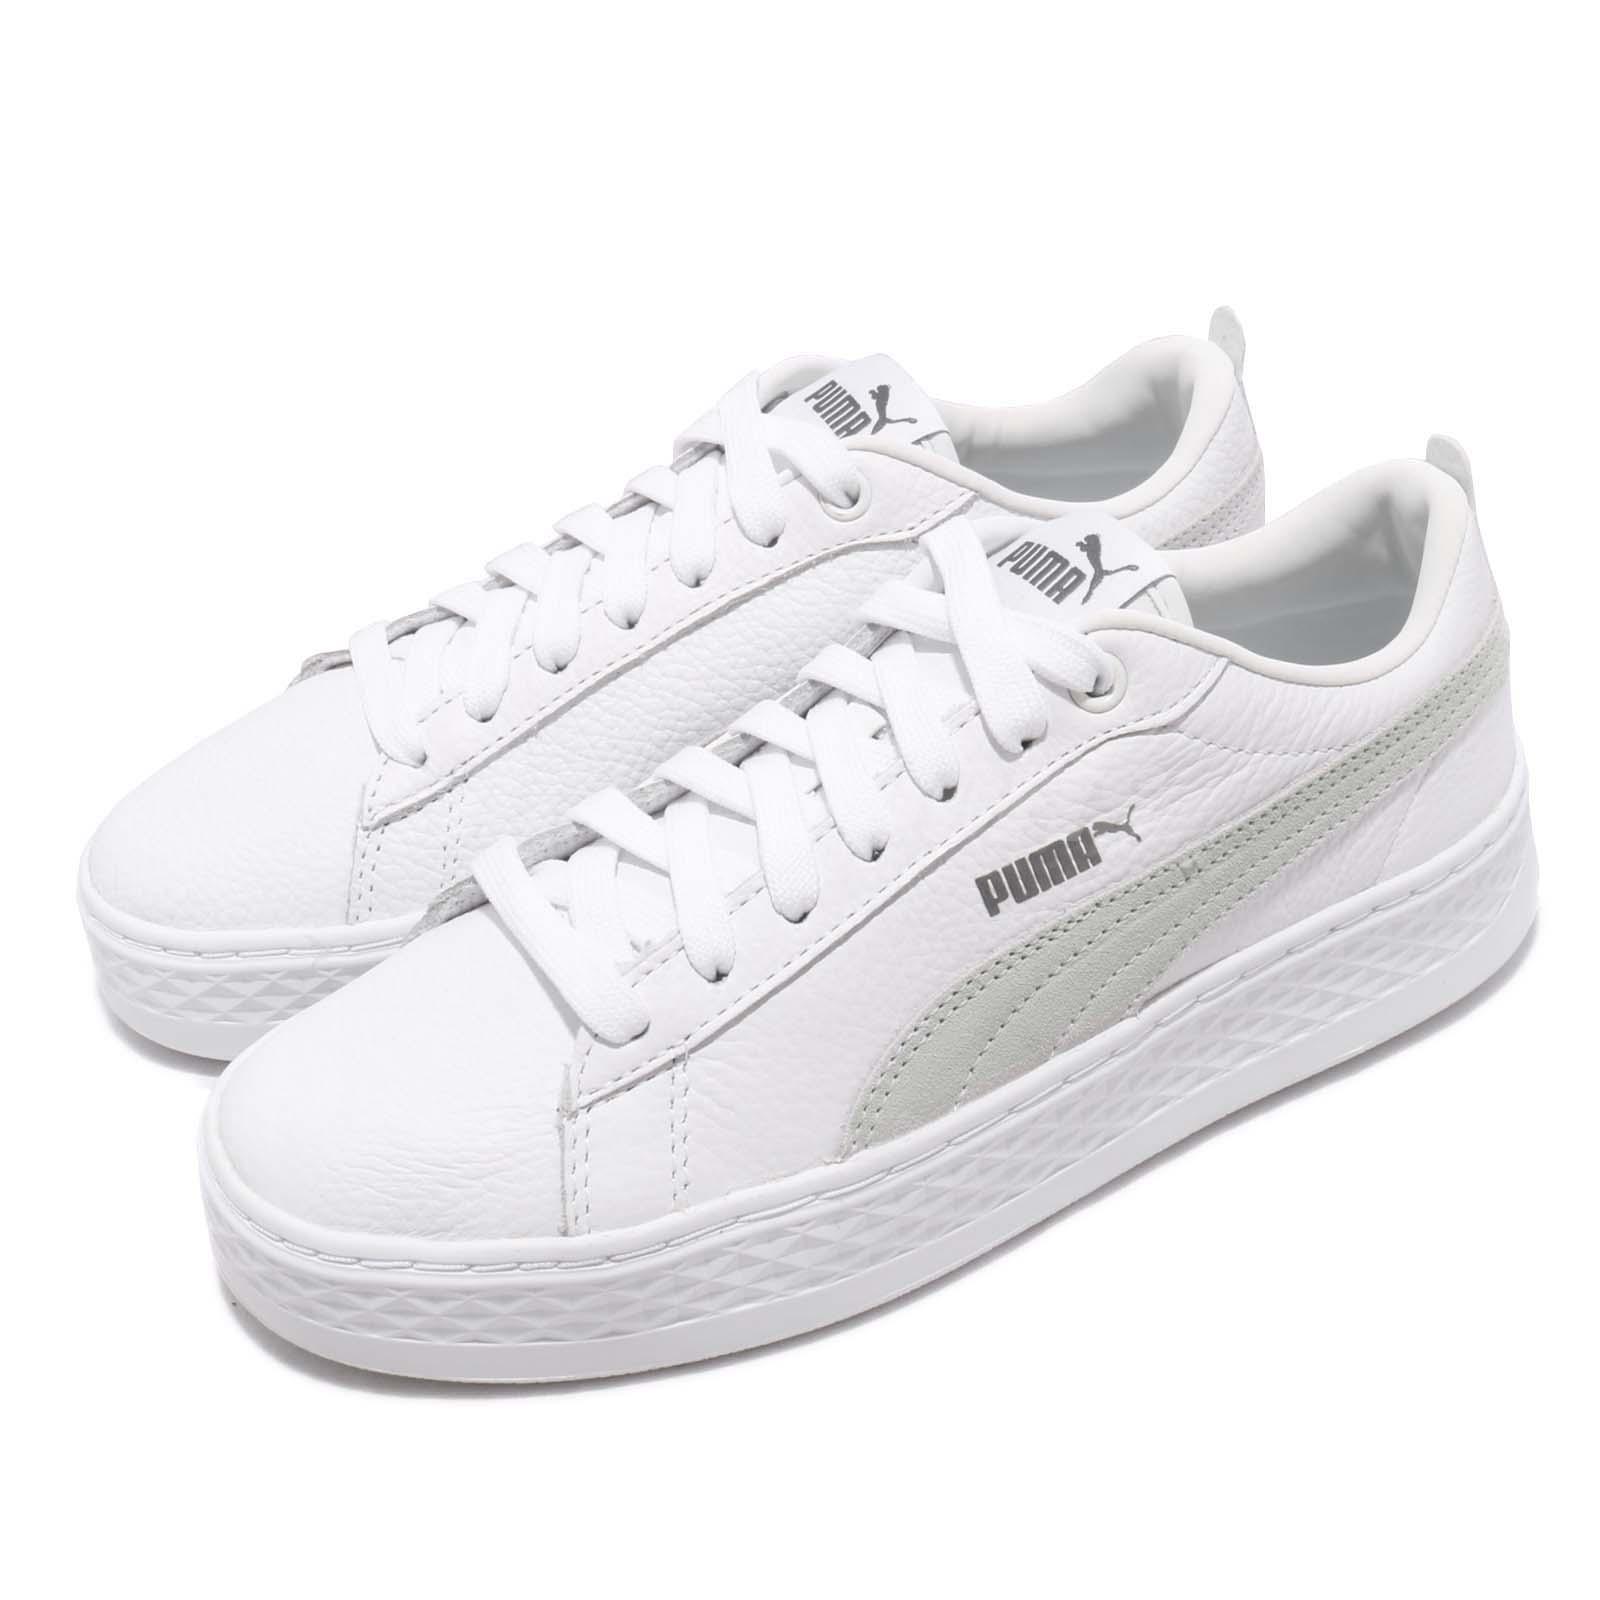 00c766345d370a Details about Puma Smash Platform L White Women Lifestyle Casual Shoes  Sneakers 366487-06